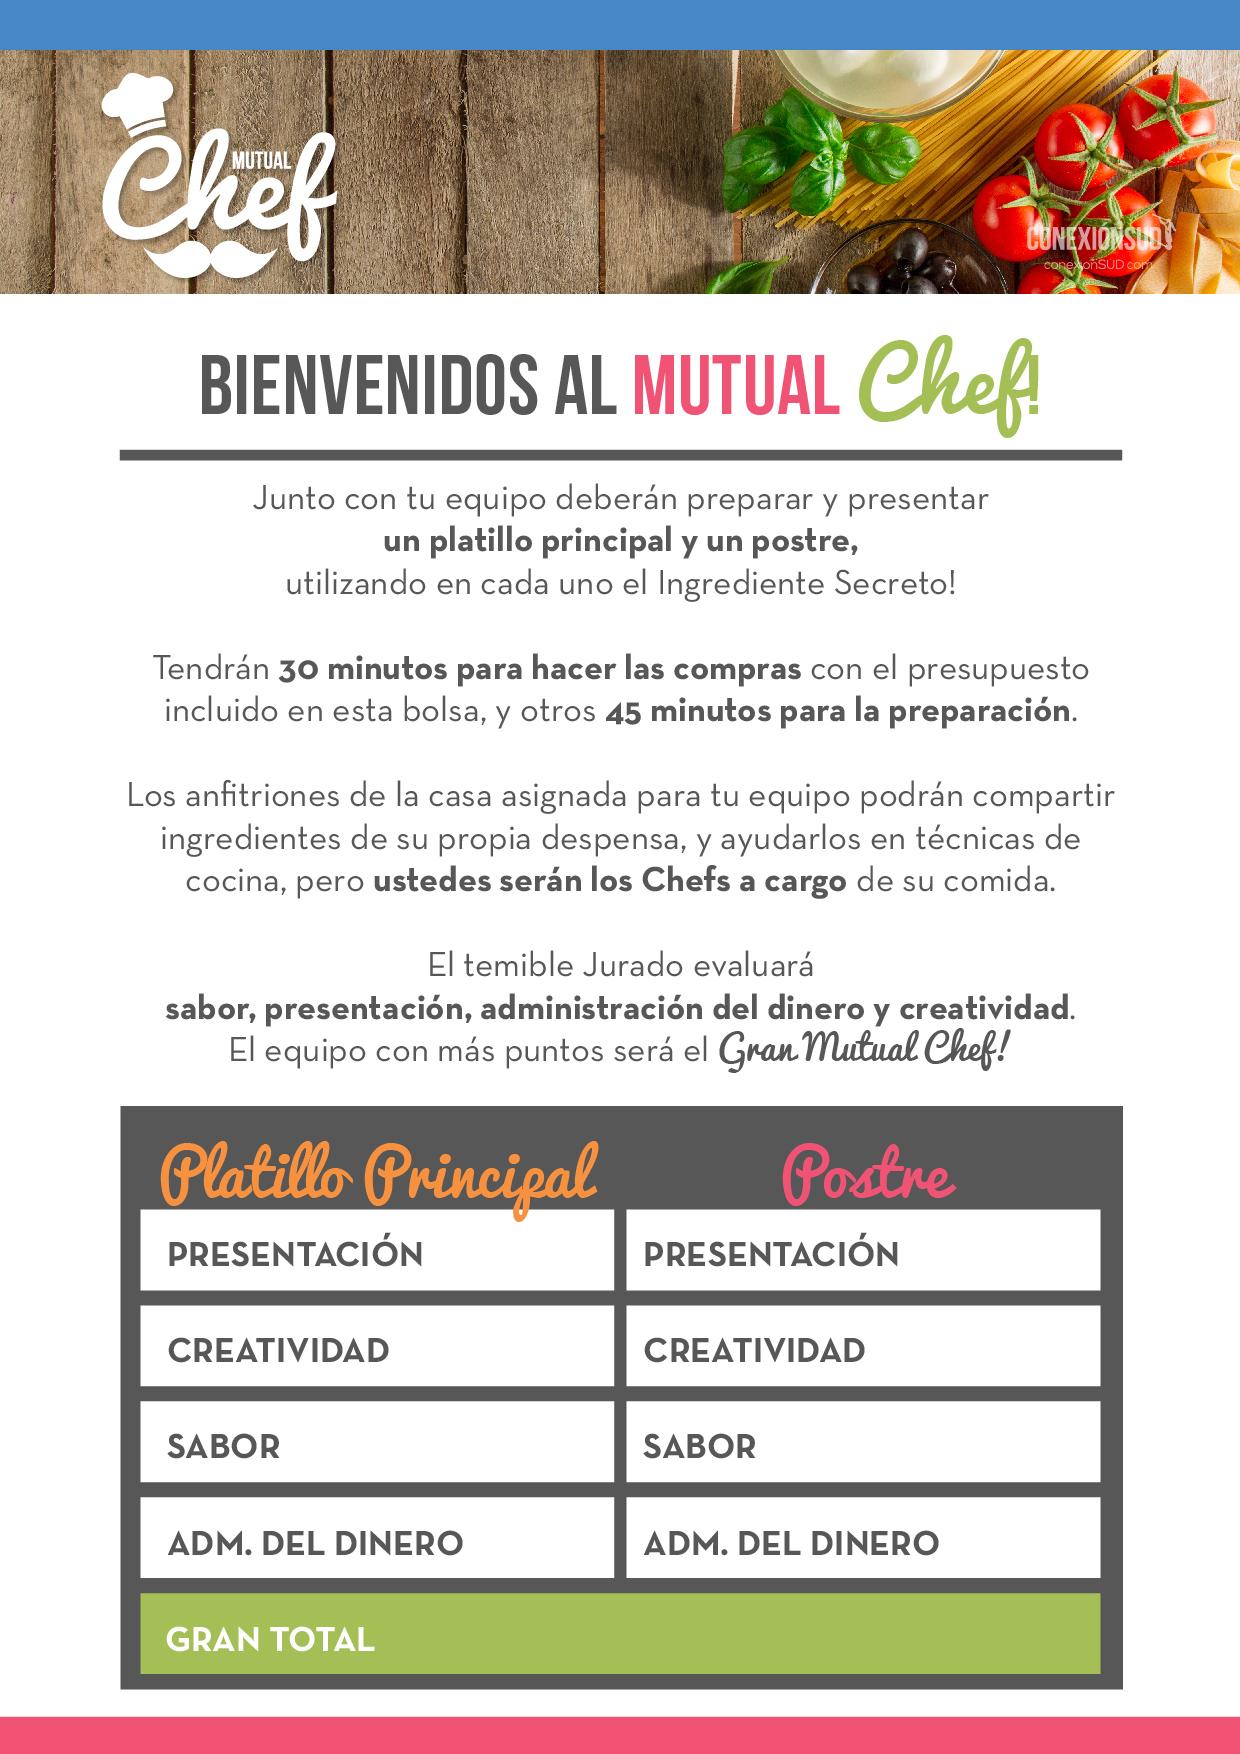 mutual chef_ConexionSUD-03